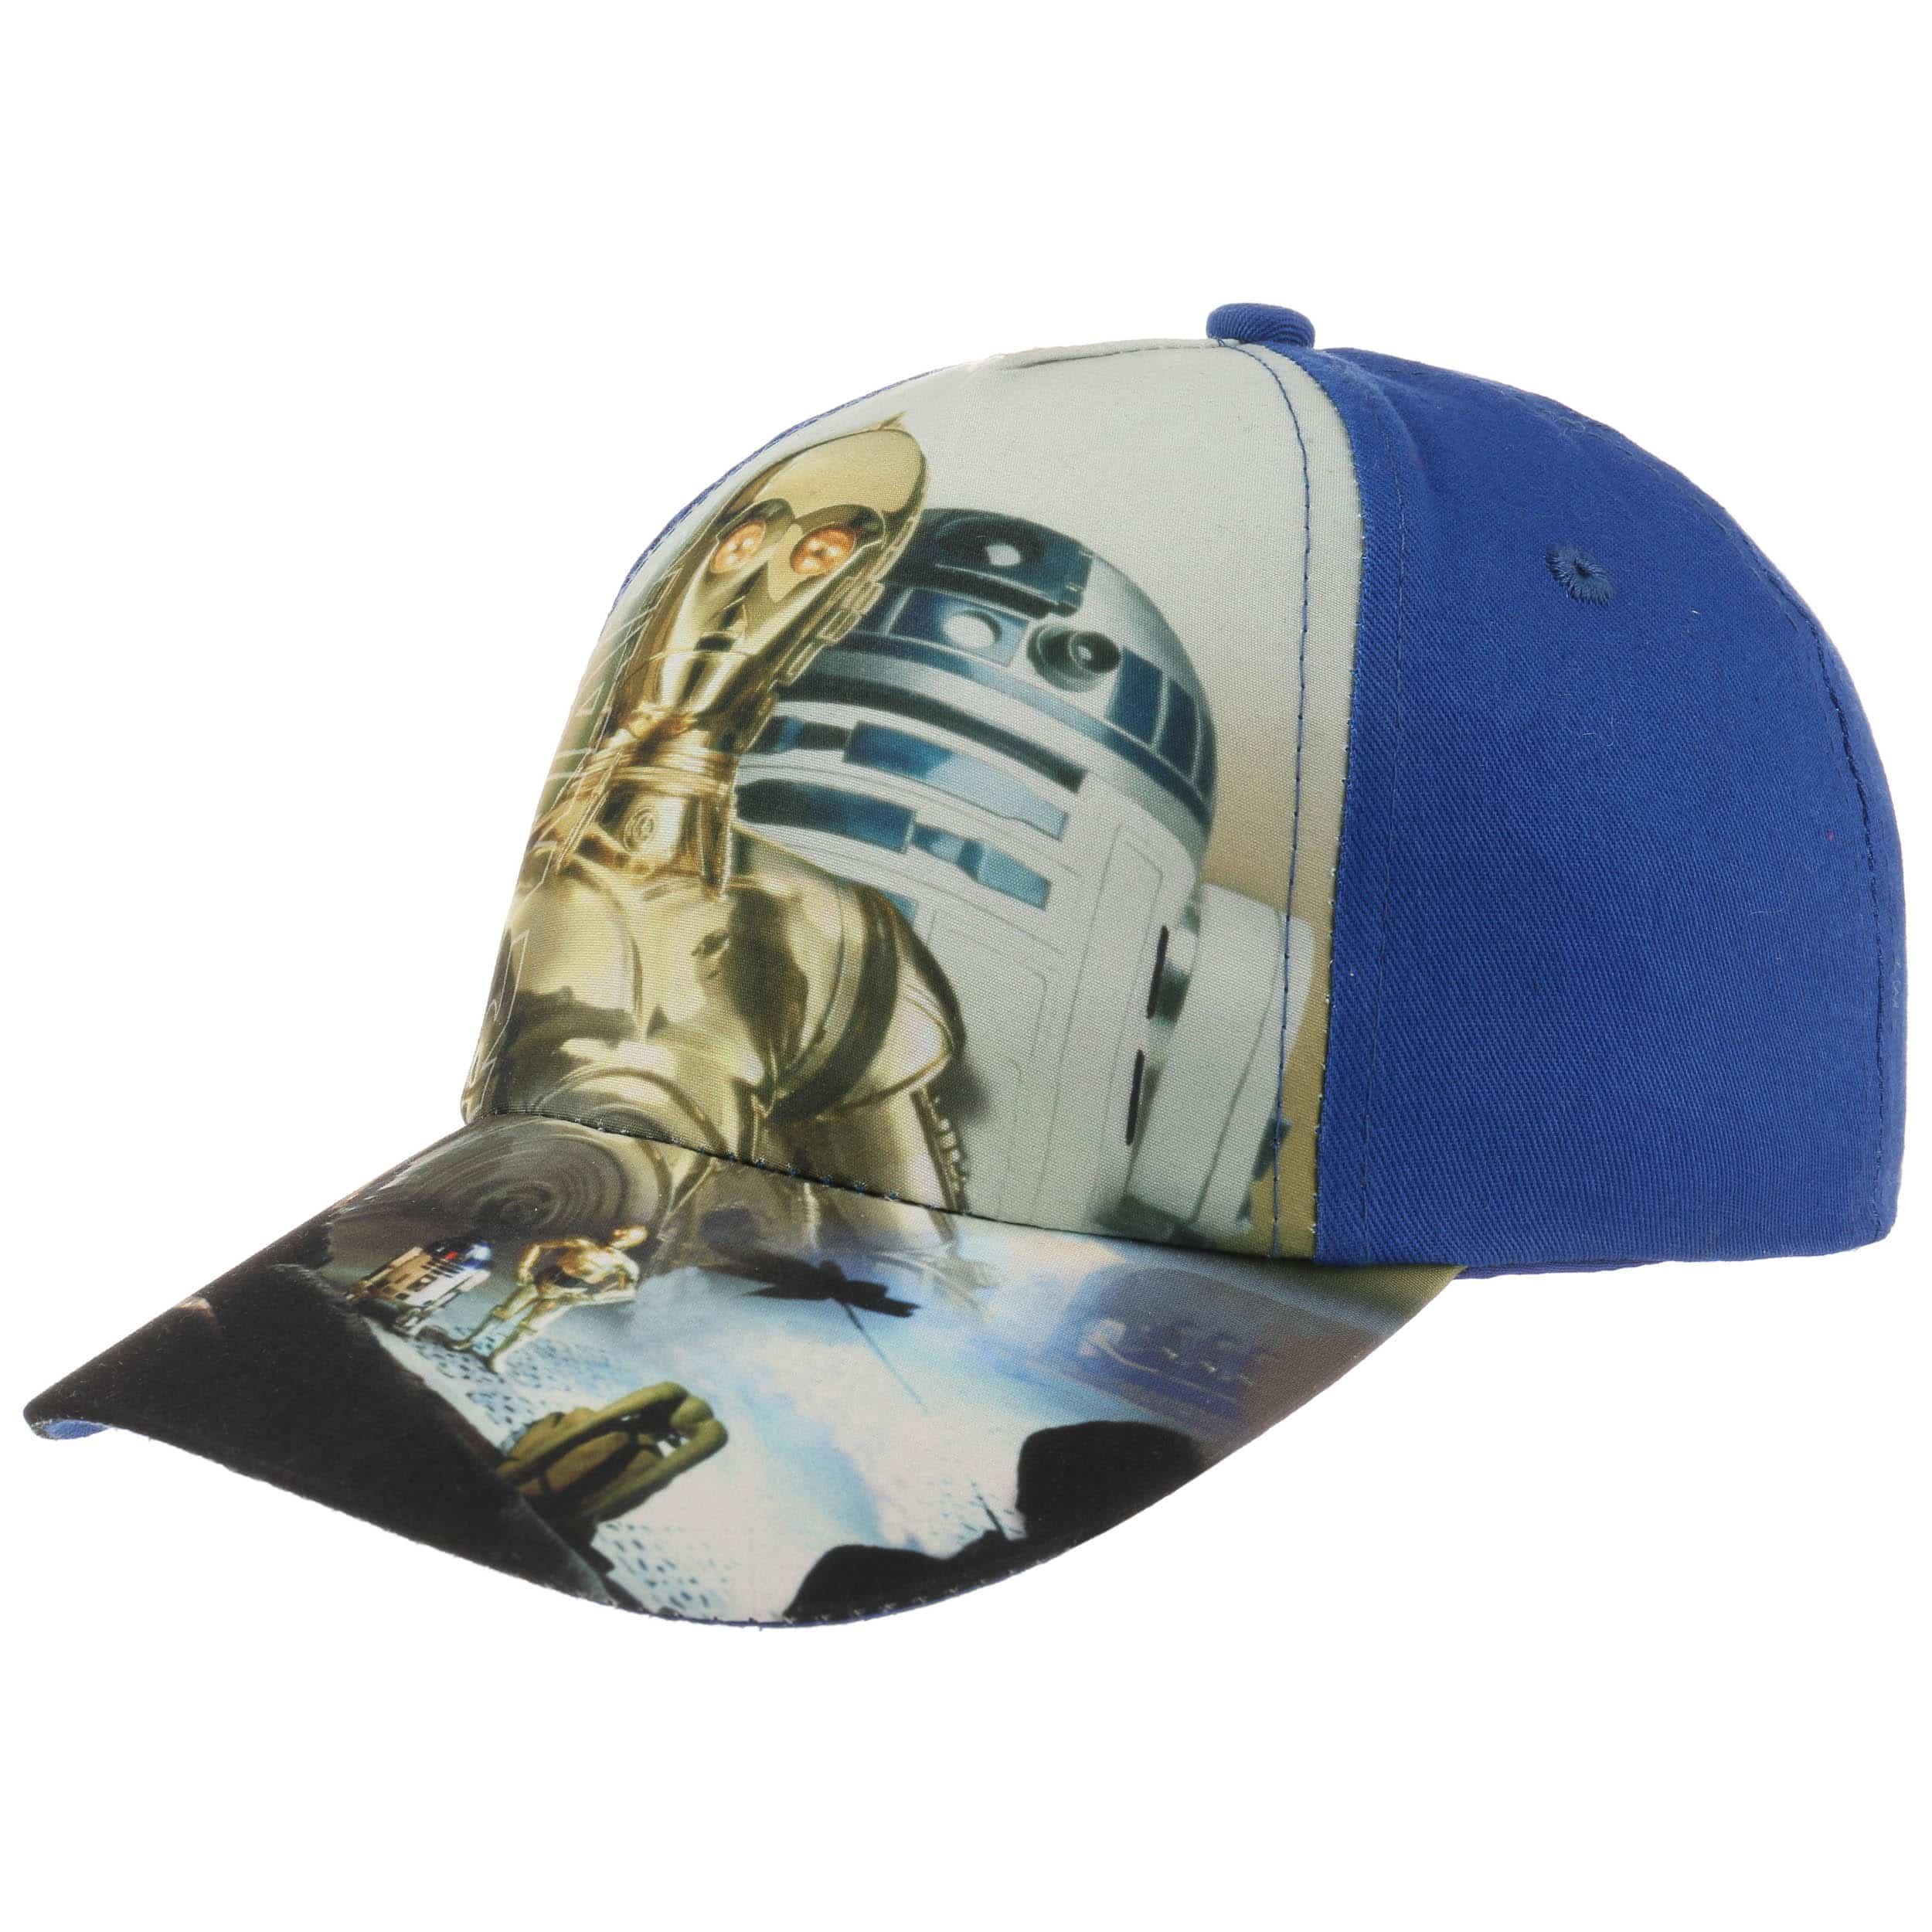 ... spain star wars kids baseball cap blue 5 efd3e d98c2 ... 0f48b27dfbd